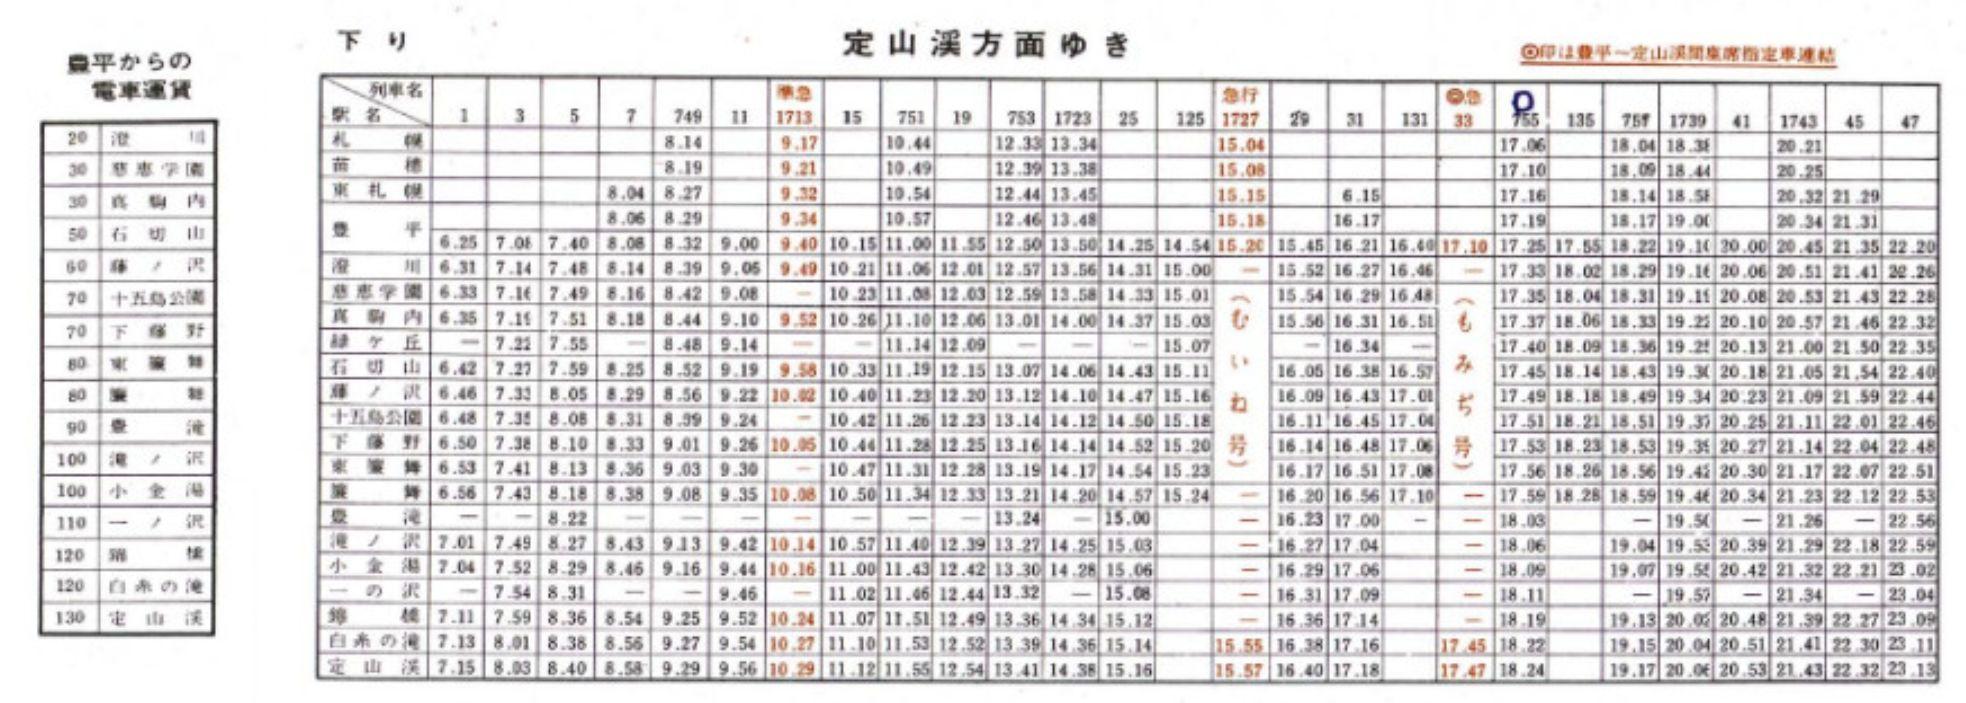 むかしむかし、札幌には定山渓鉄道が走っていた_c0025115_22131911.jpg